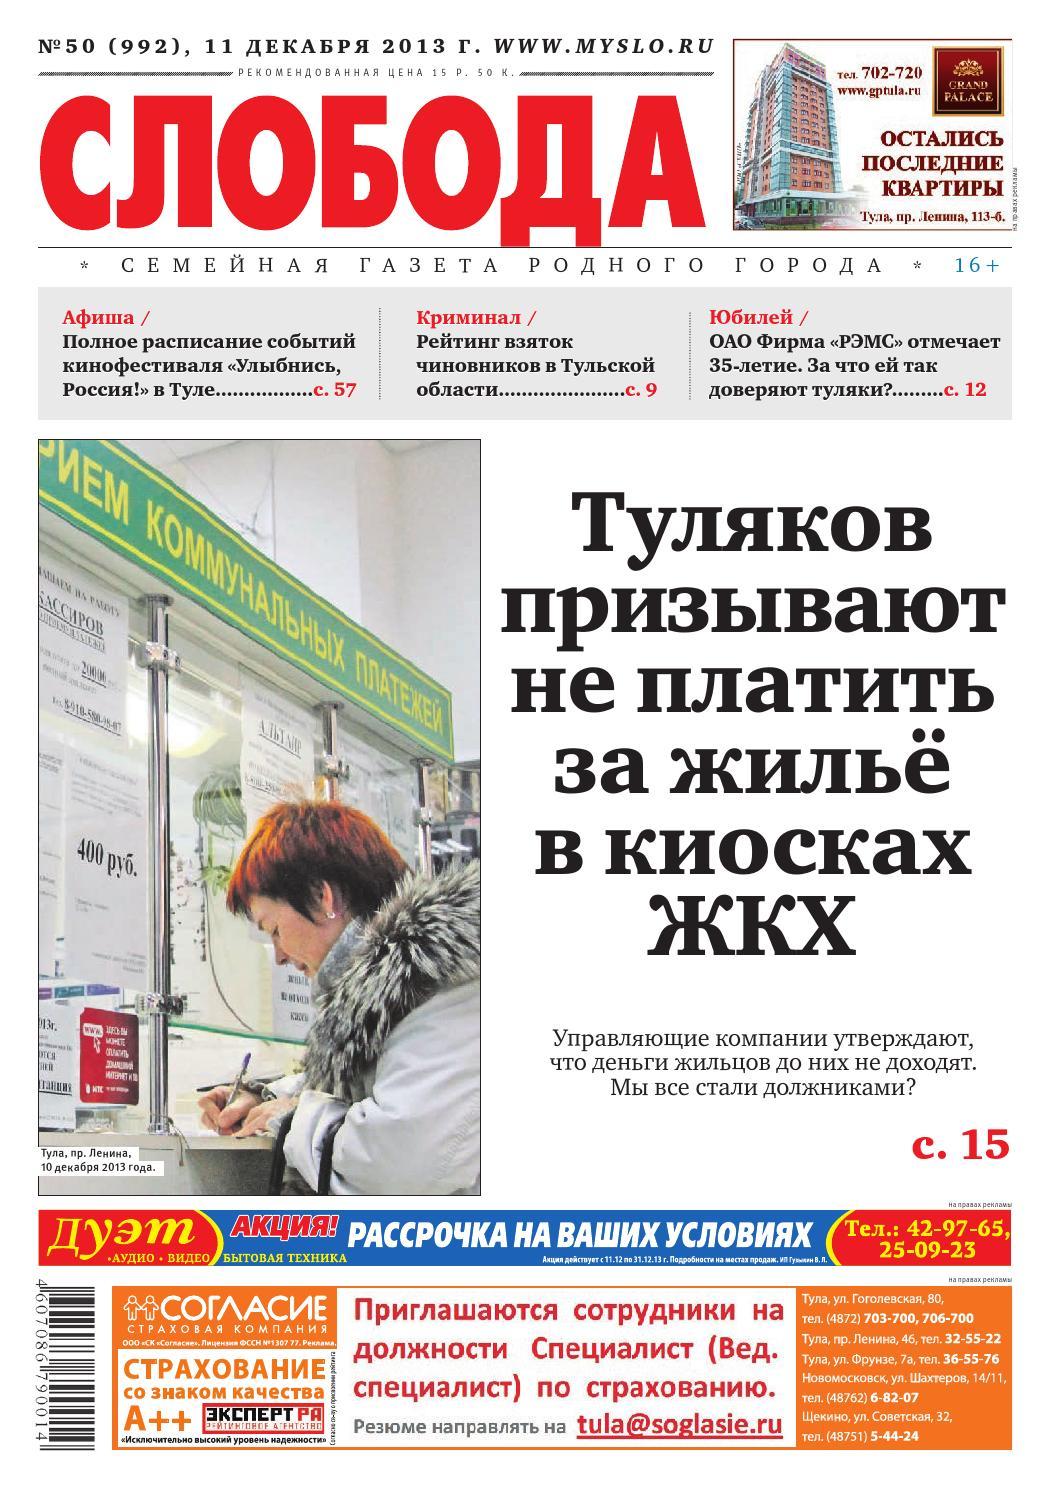 2b879c492 Слобода №50 (992): Туляков призывают не платить за жильё в киосках ЖКХ by  Газета